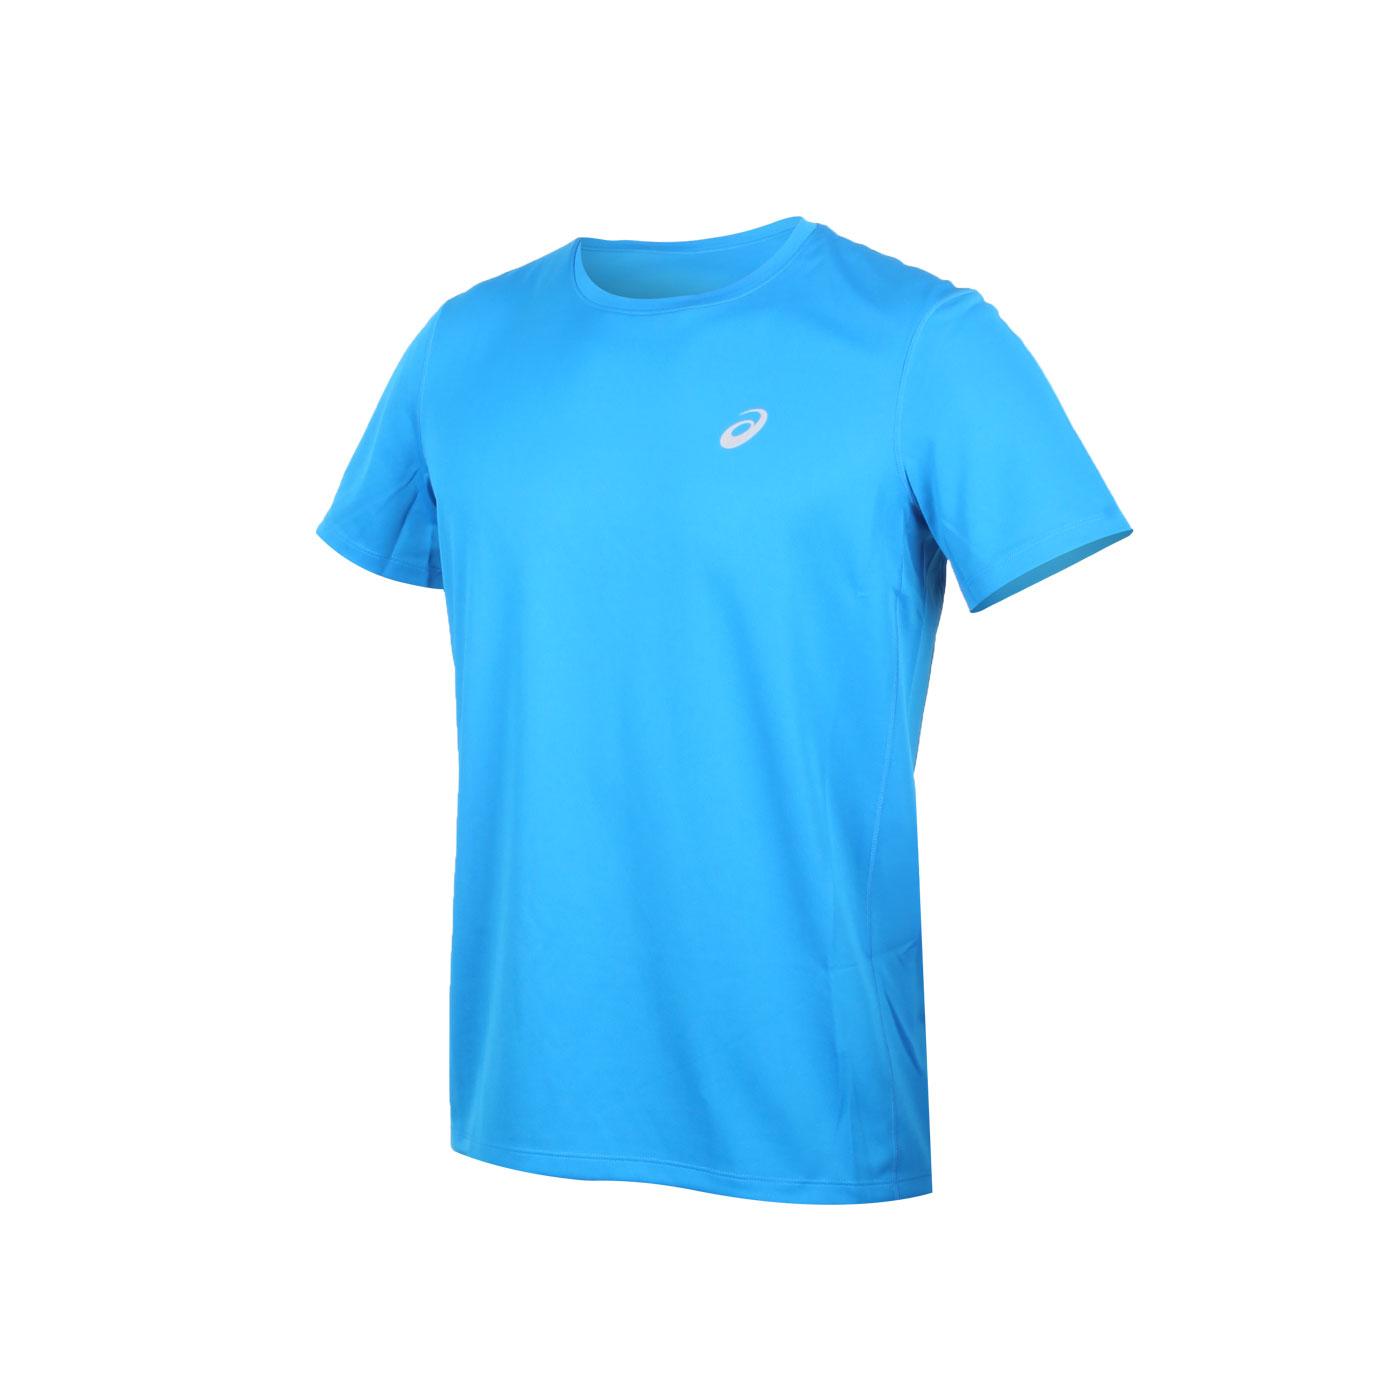 ASICS 男款片假名短袖T恤 2011A866-404 - 寶藍銀